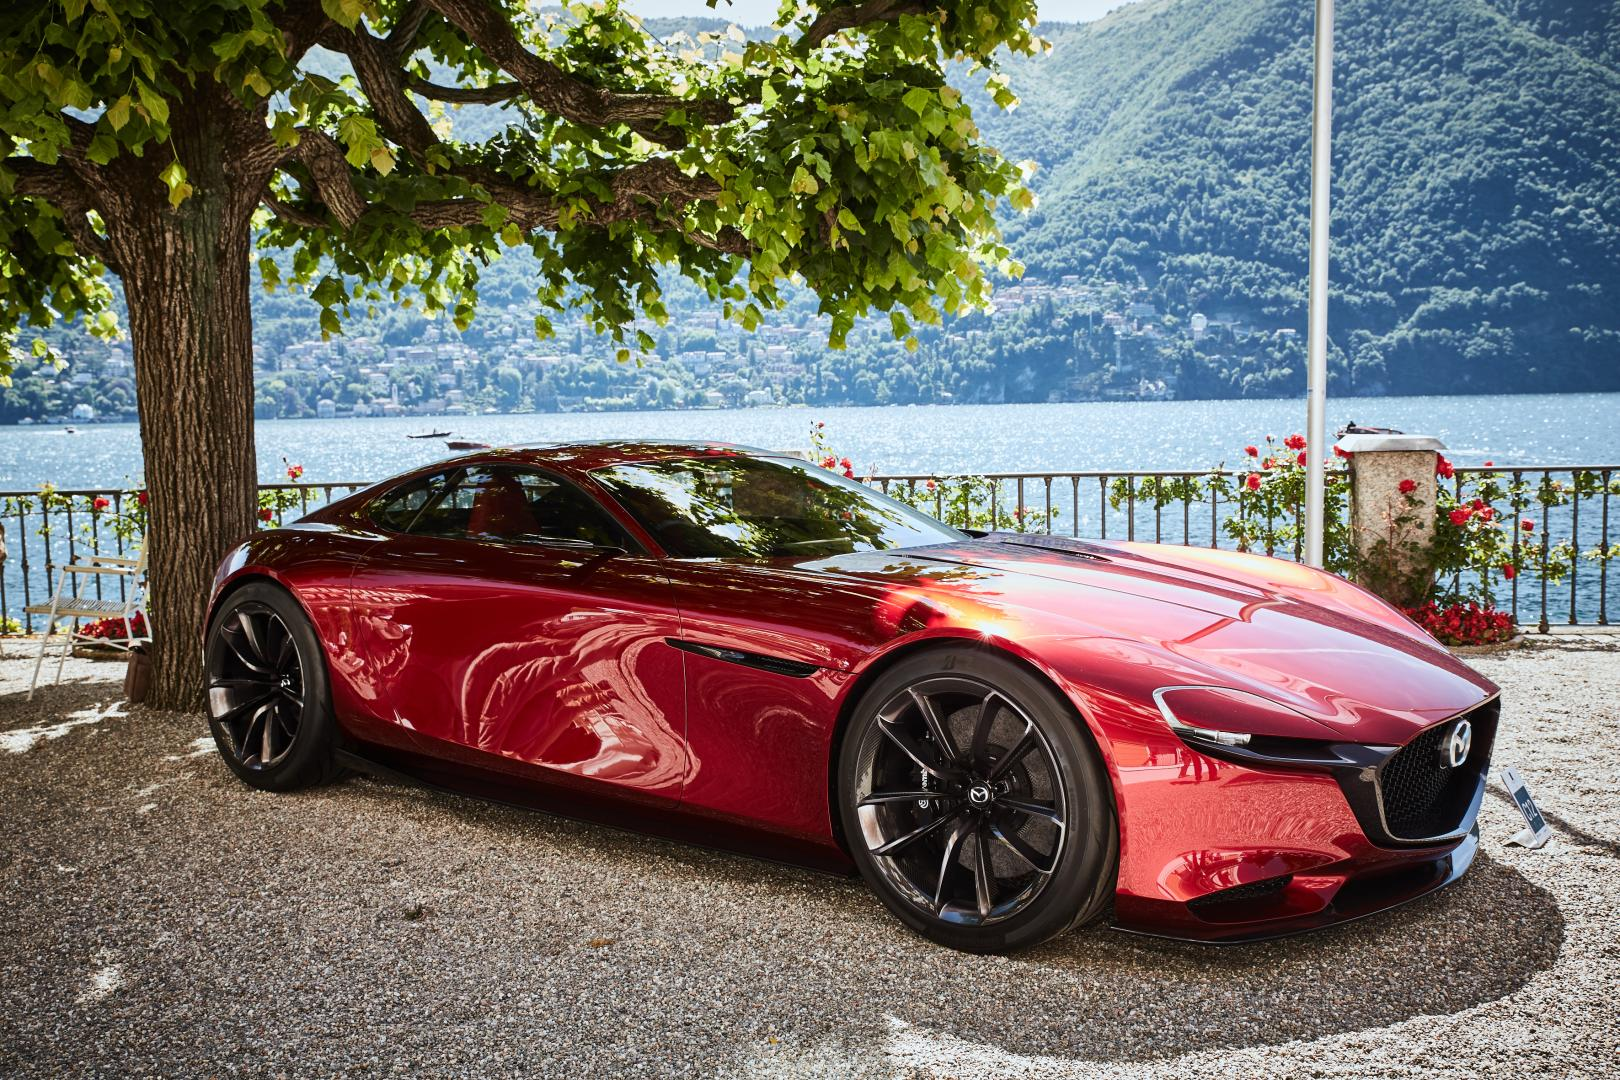 Opvolger van de Mazda RX Vision